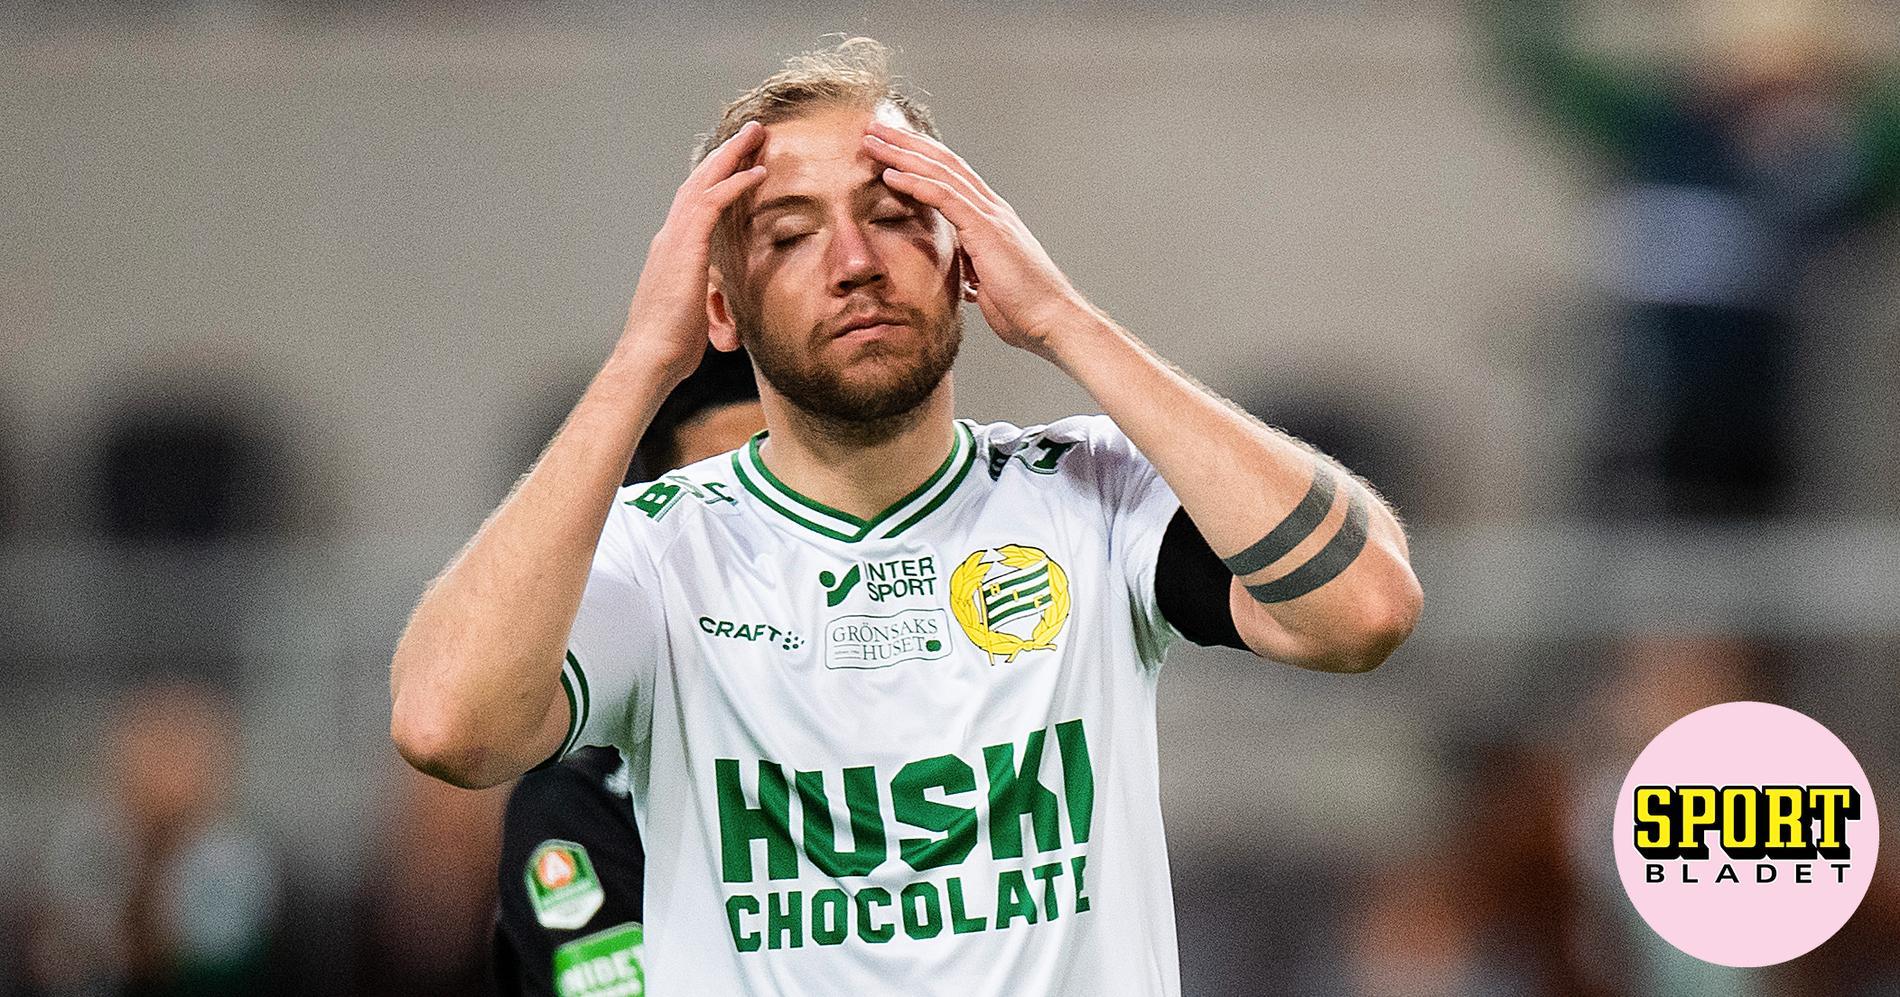 """Darijan Bojanic efter segern: """"Kanske inte såg ut som Barcelona"""""""